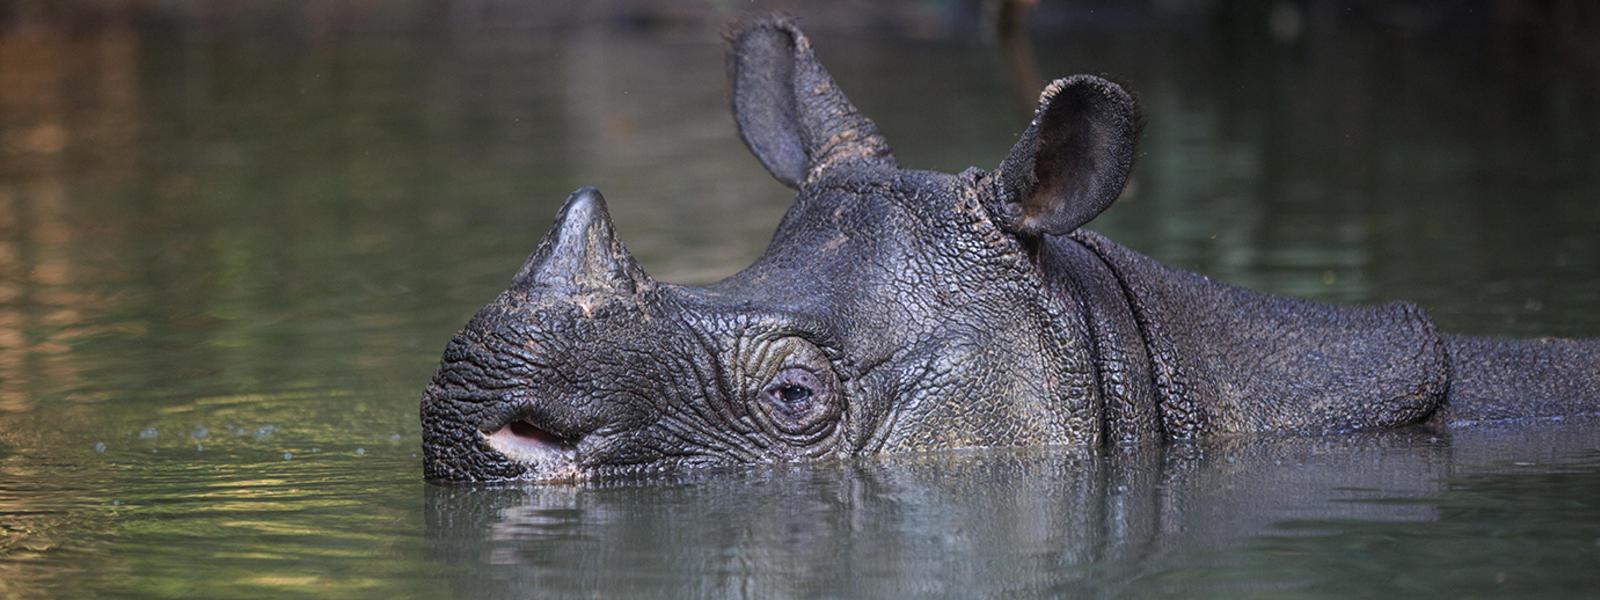 Drawn rhino javan rhino Species javan WWF rhino Rhino